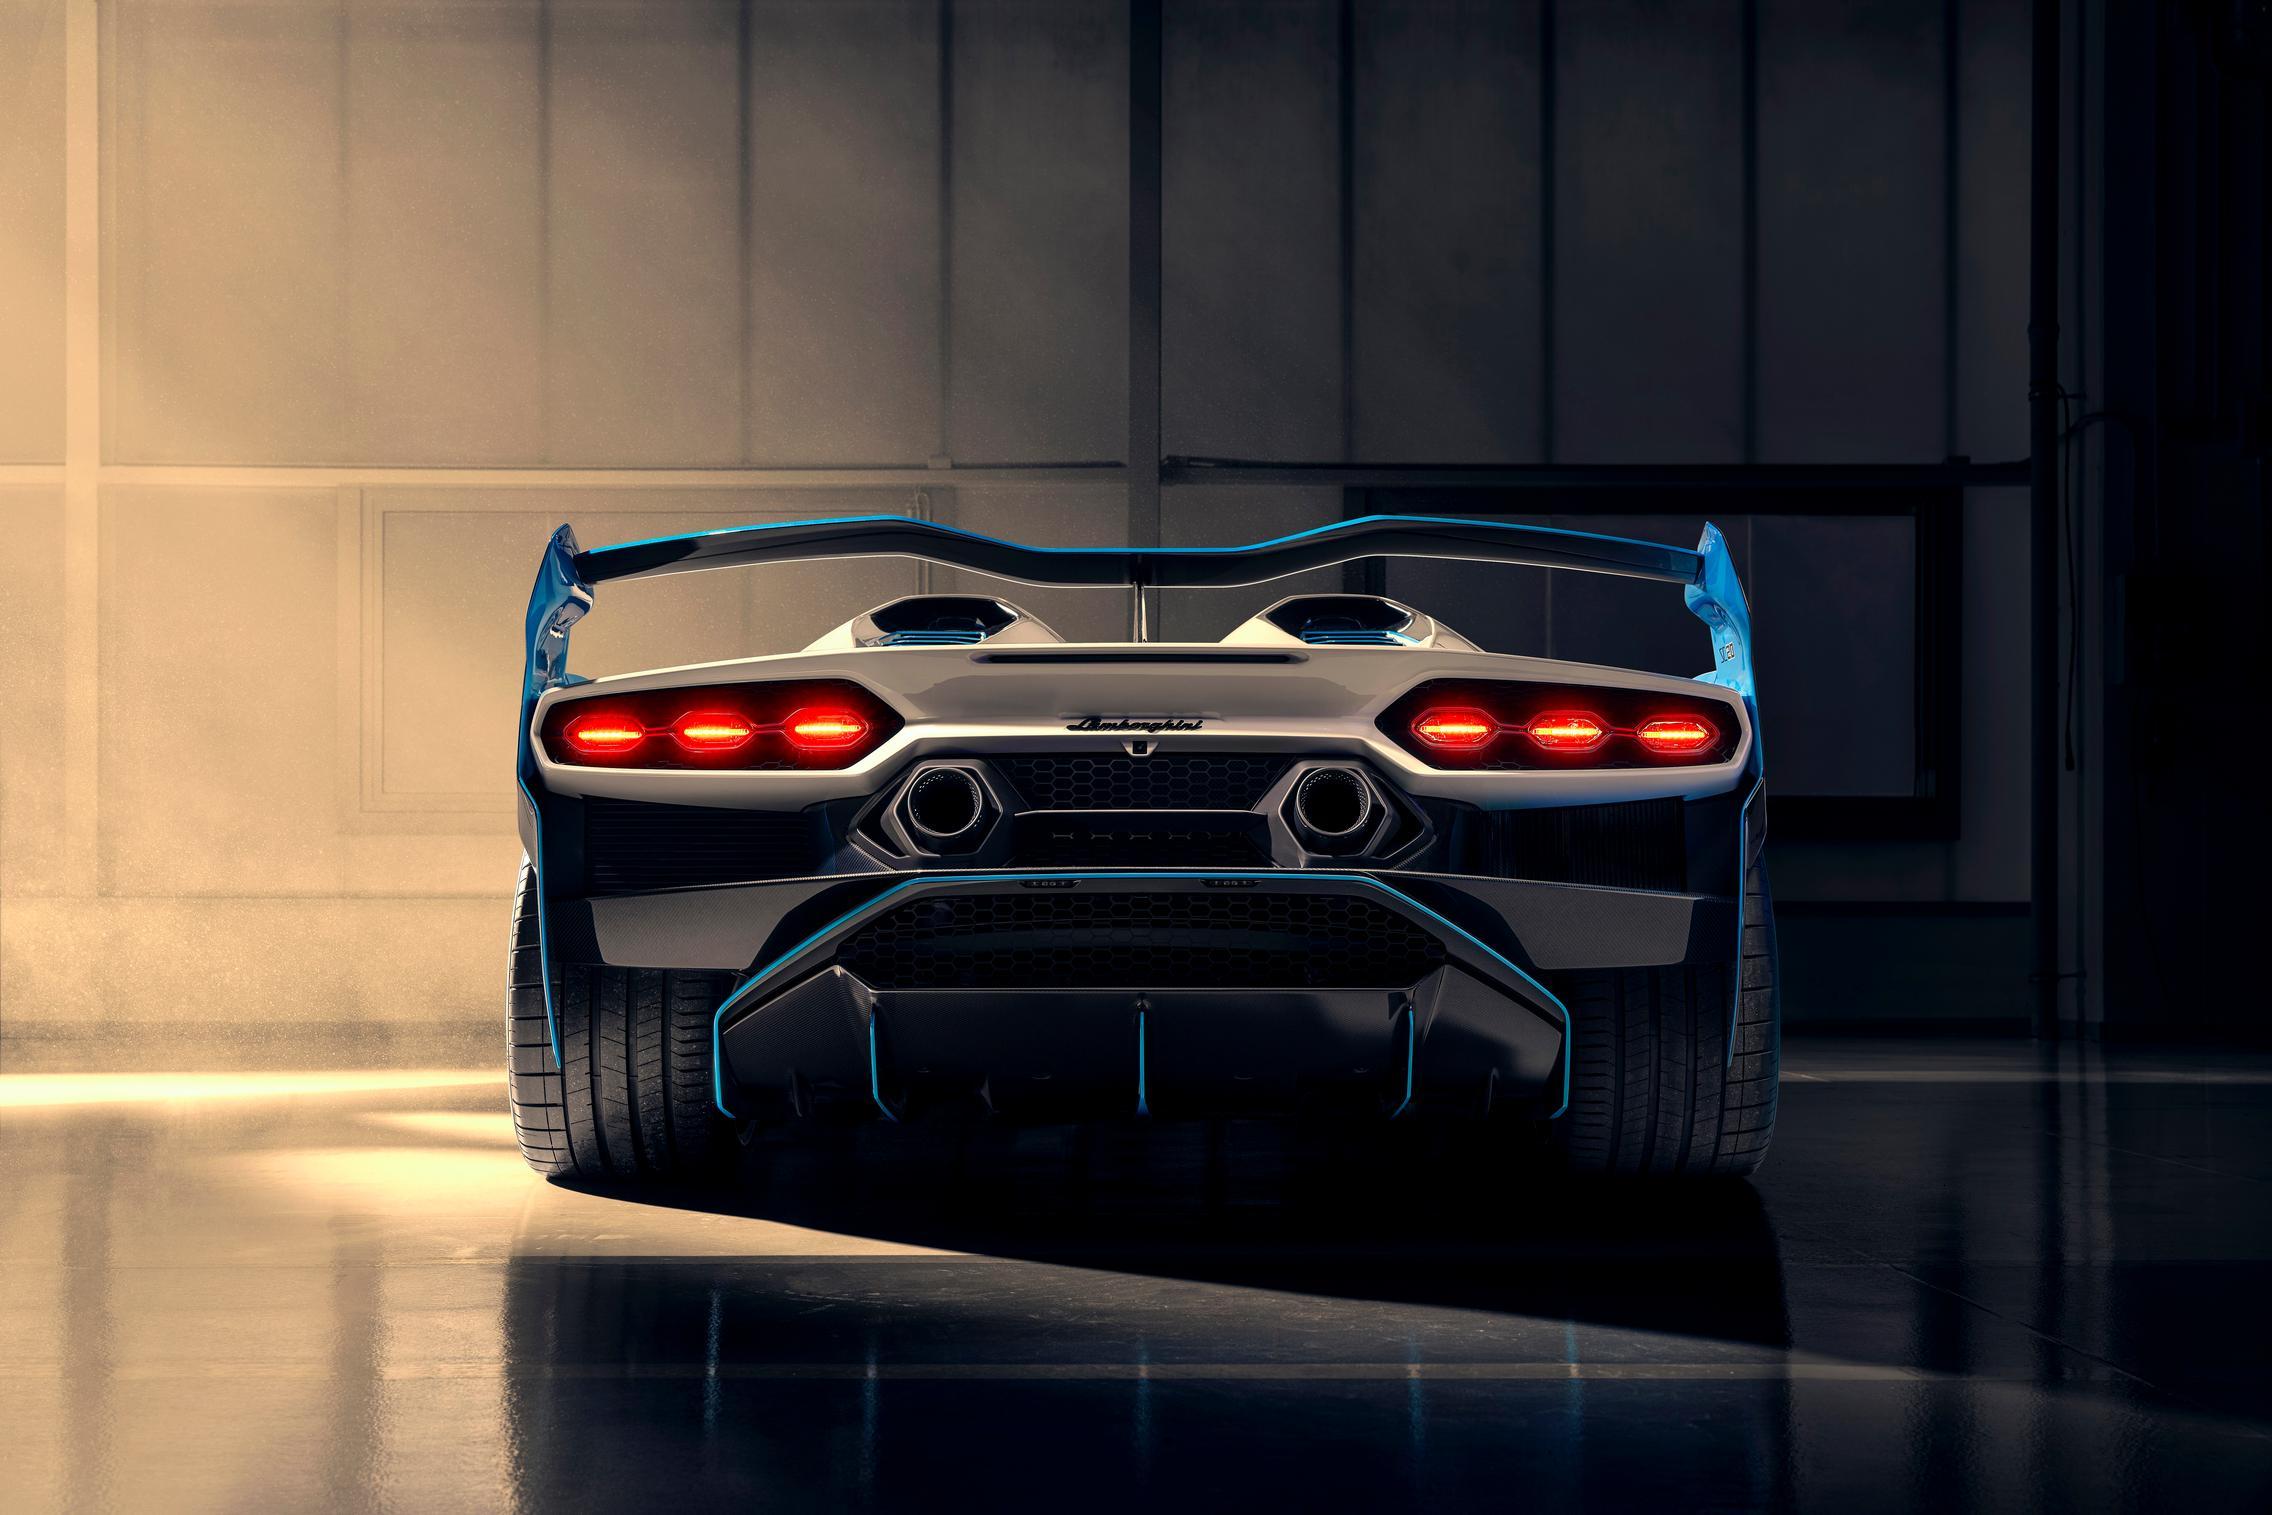 Lamborghini SC20 rear wing